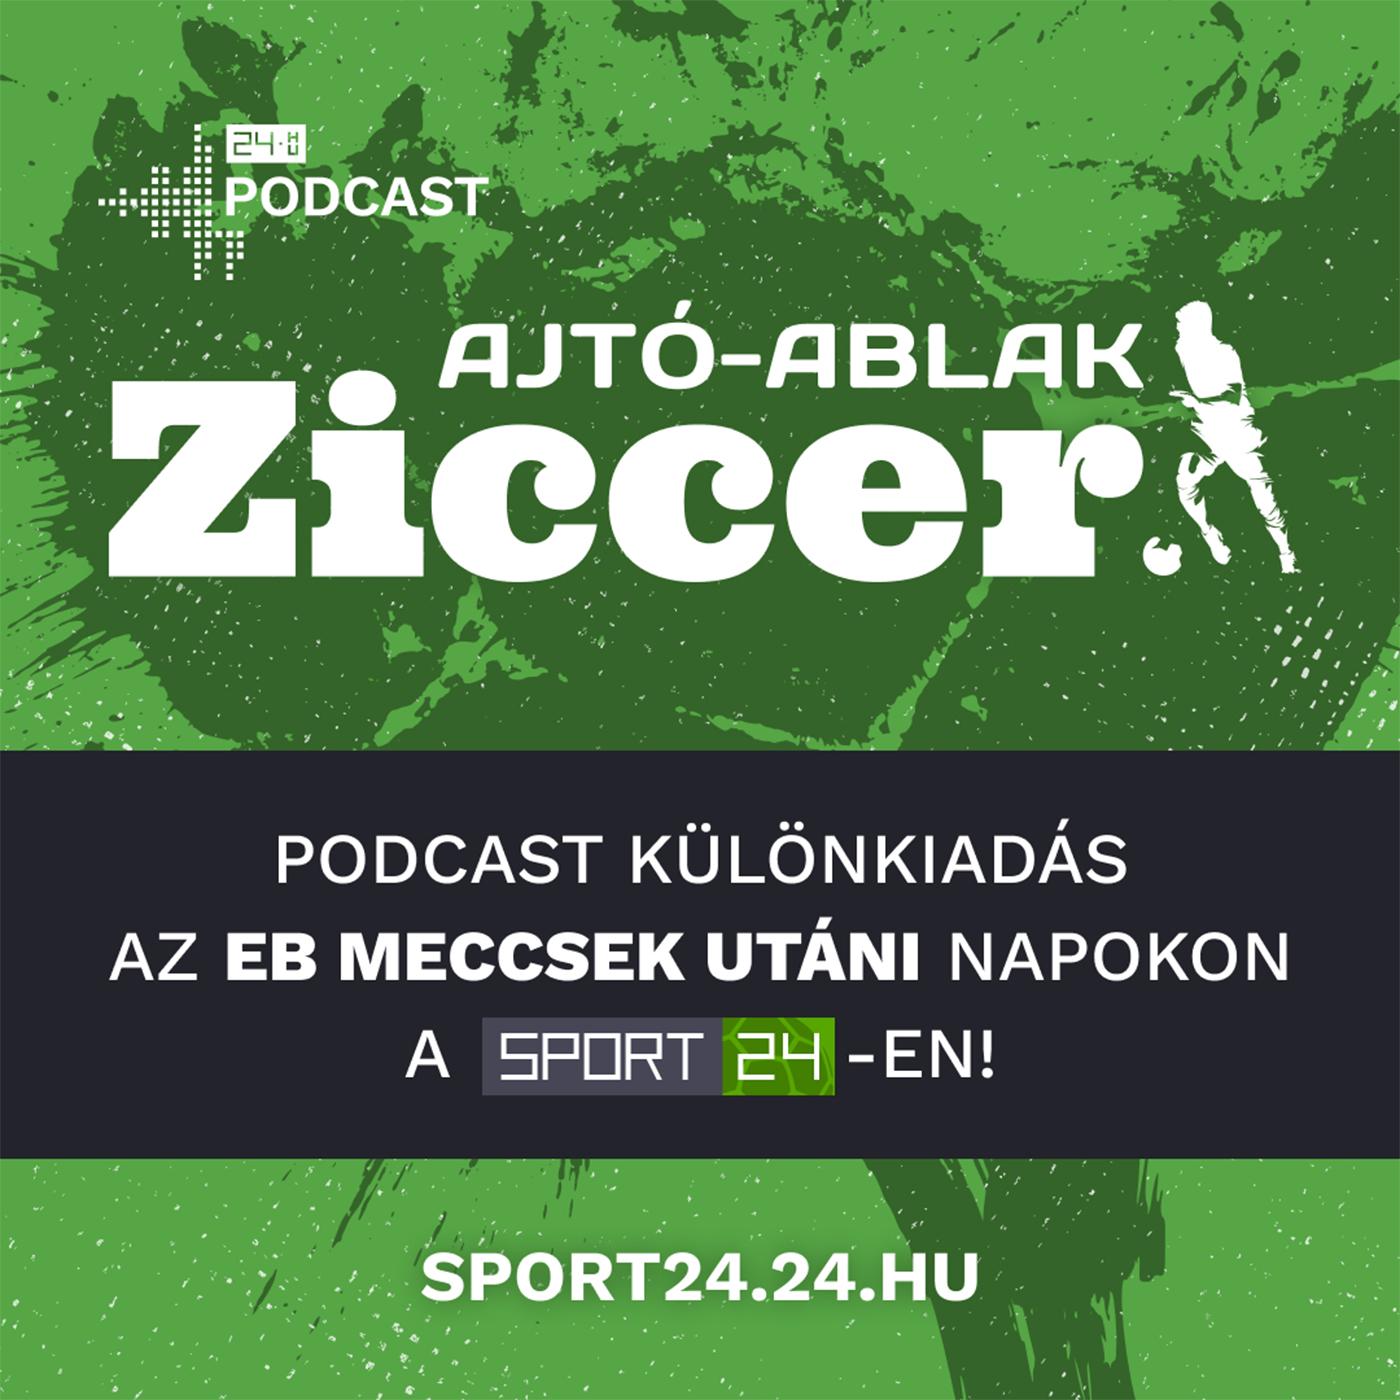 Extra Ziccer a Sport24-en! - És akkor lecsapott az olasz Cseri Tamás!